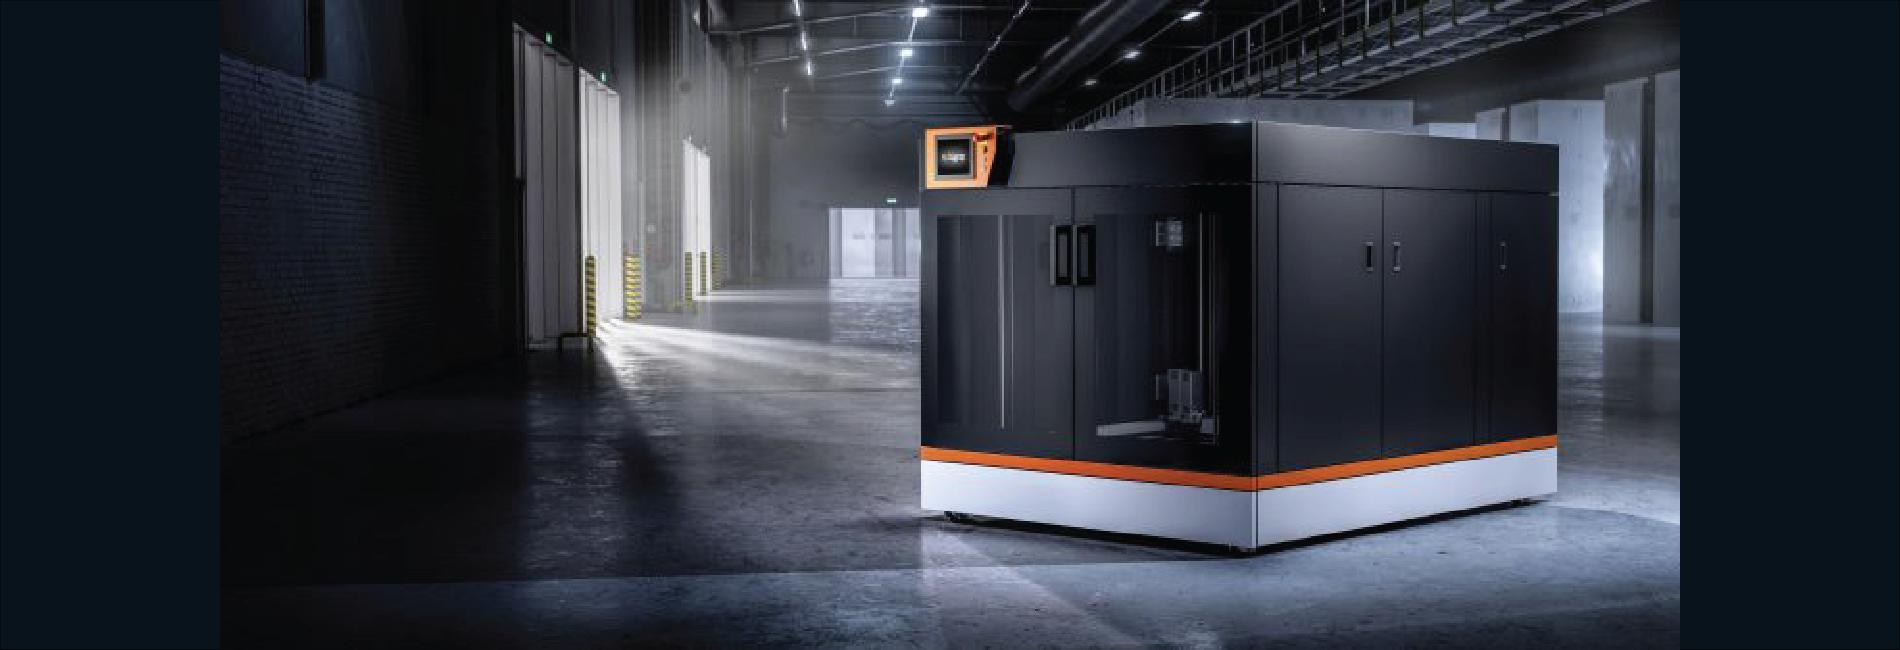 Imprimare 3D industrială - BigRep